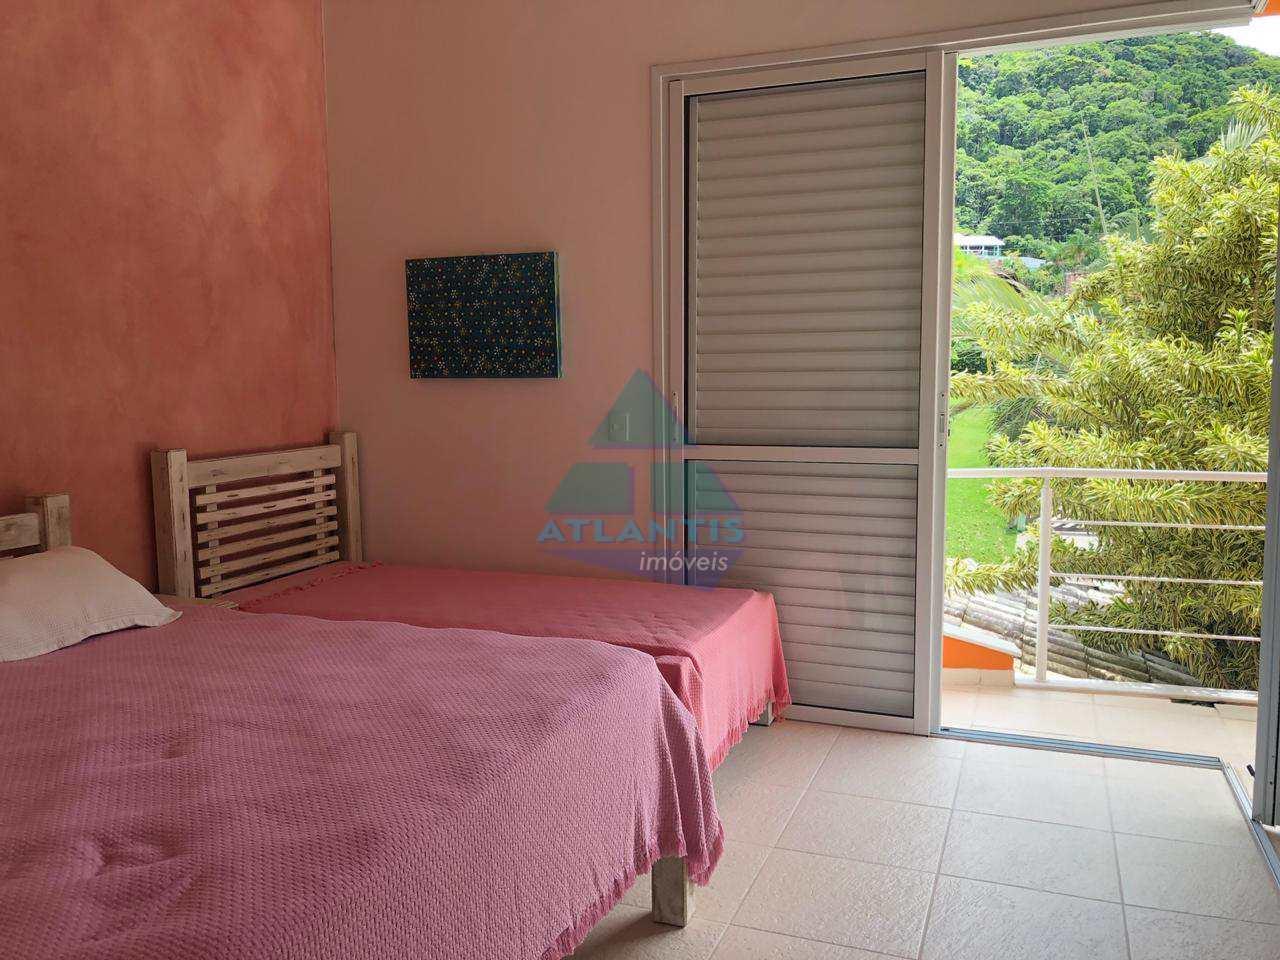 Casa com 5 dorms, Recanto da Lagoinha, Ubatuba - R$ 2.2 mi, Cod: 65